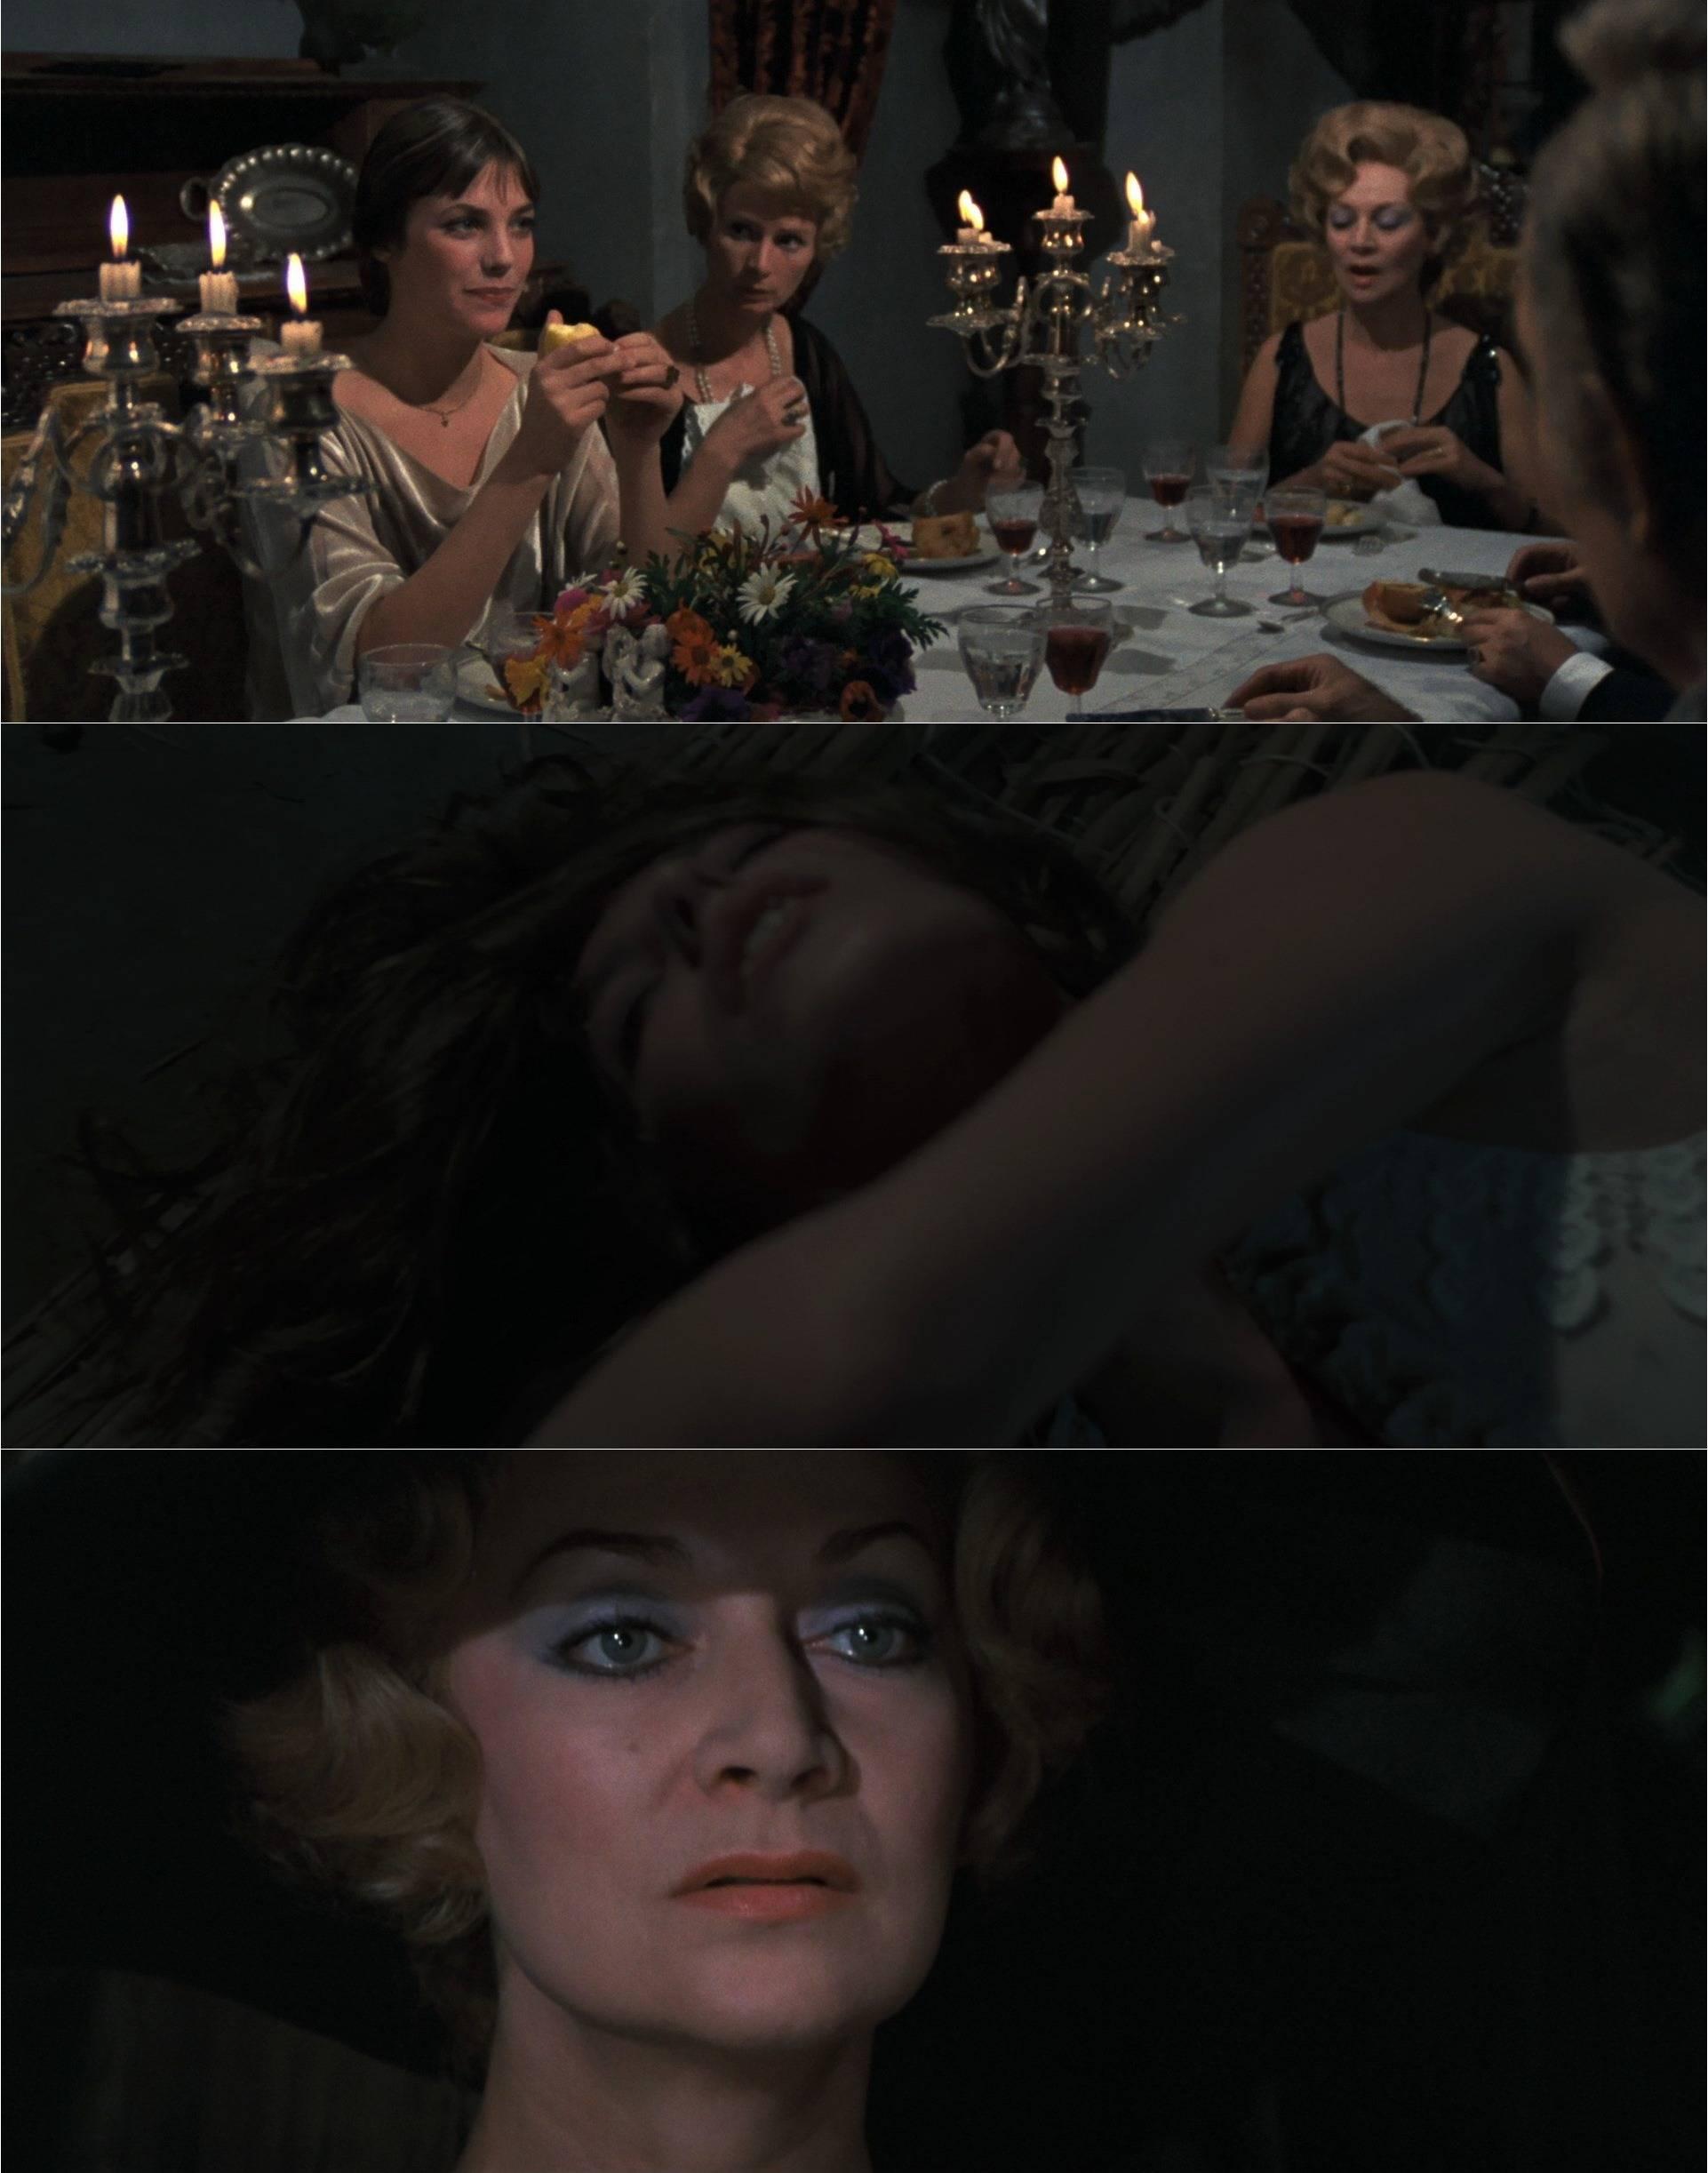 Seven Deaths in the Cats Eyes (1973) La morte negli occhi del gatto